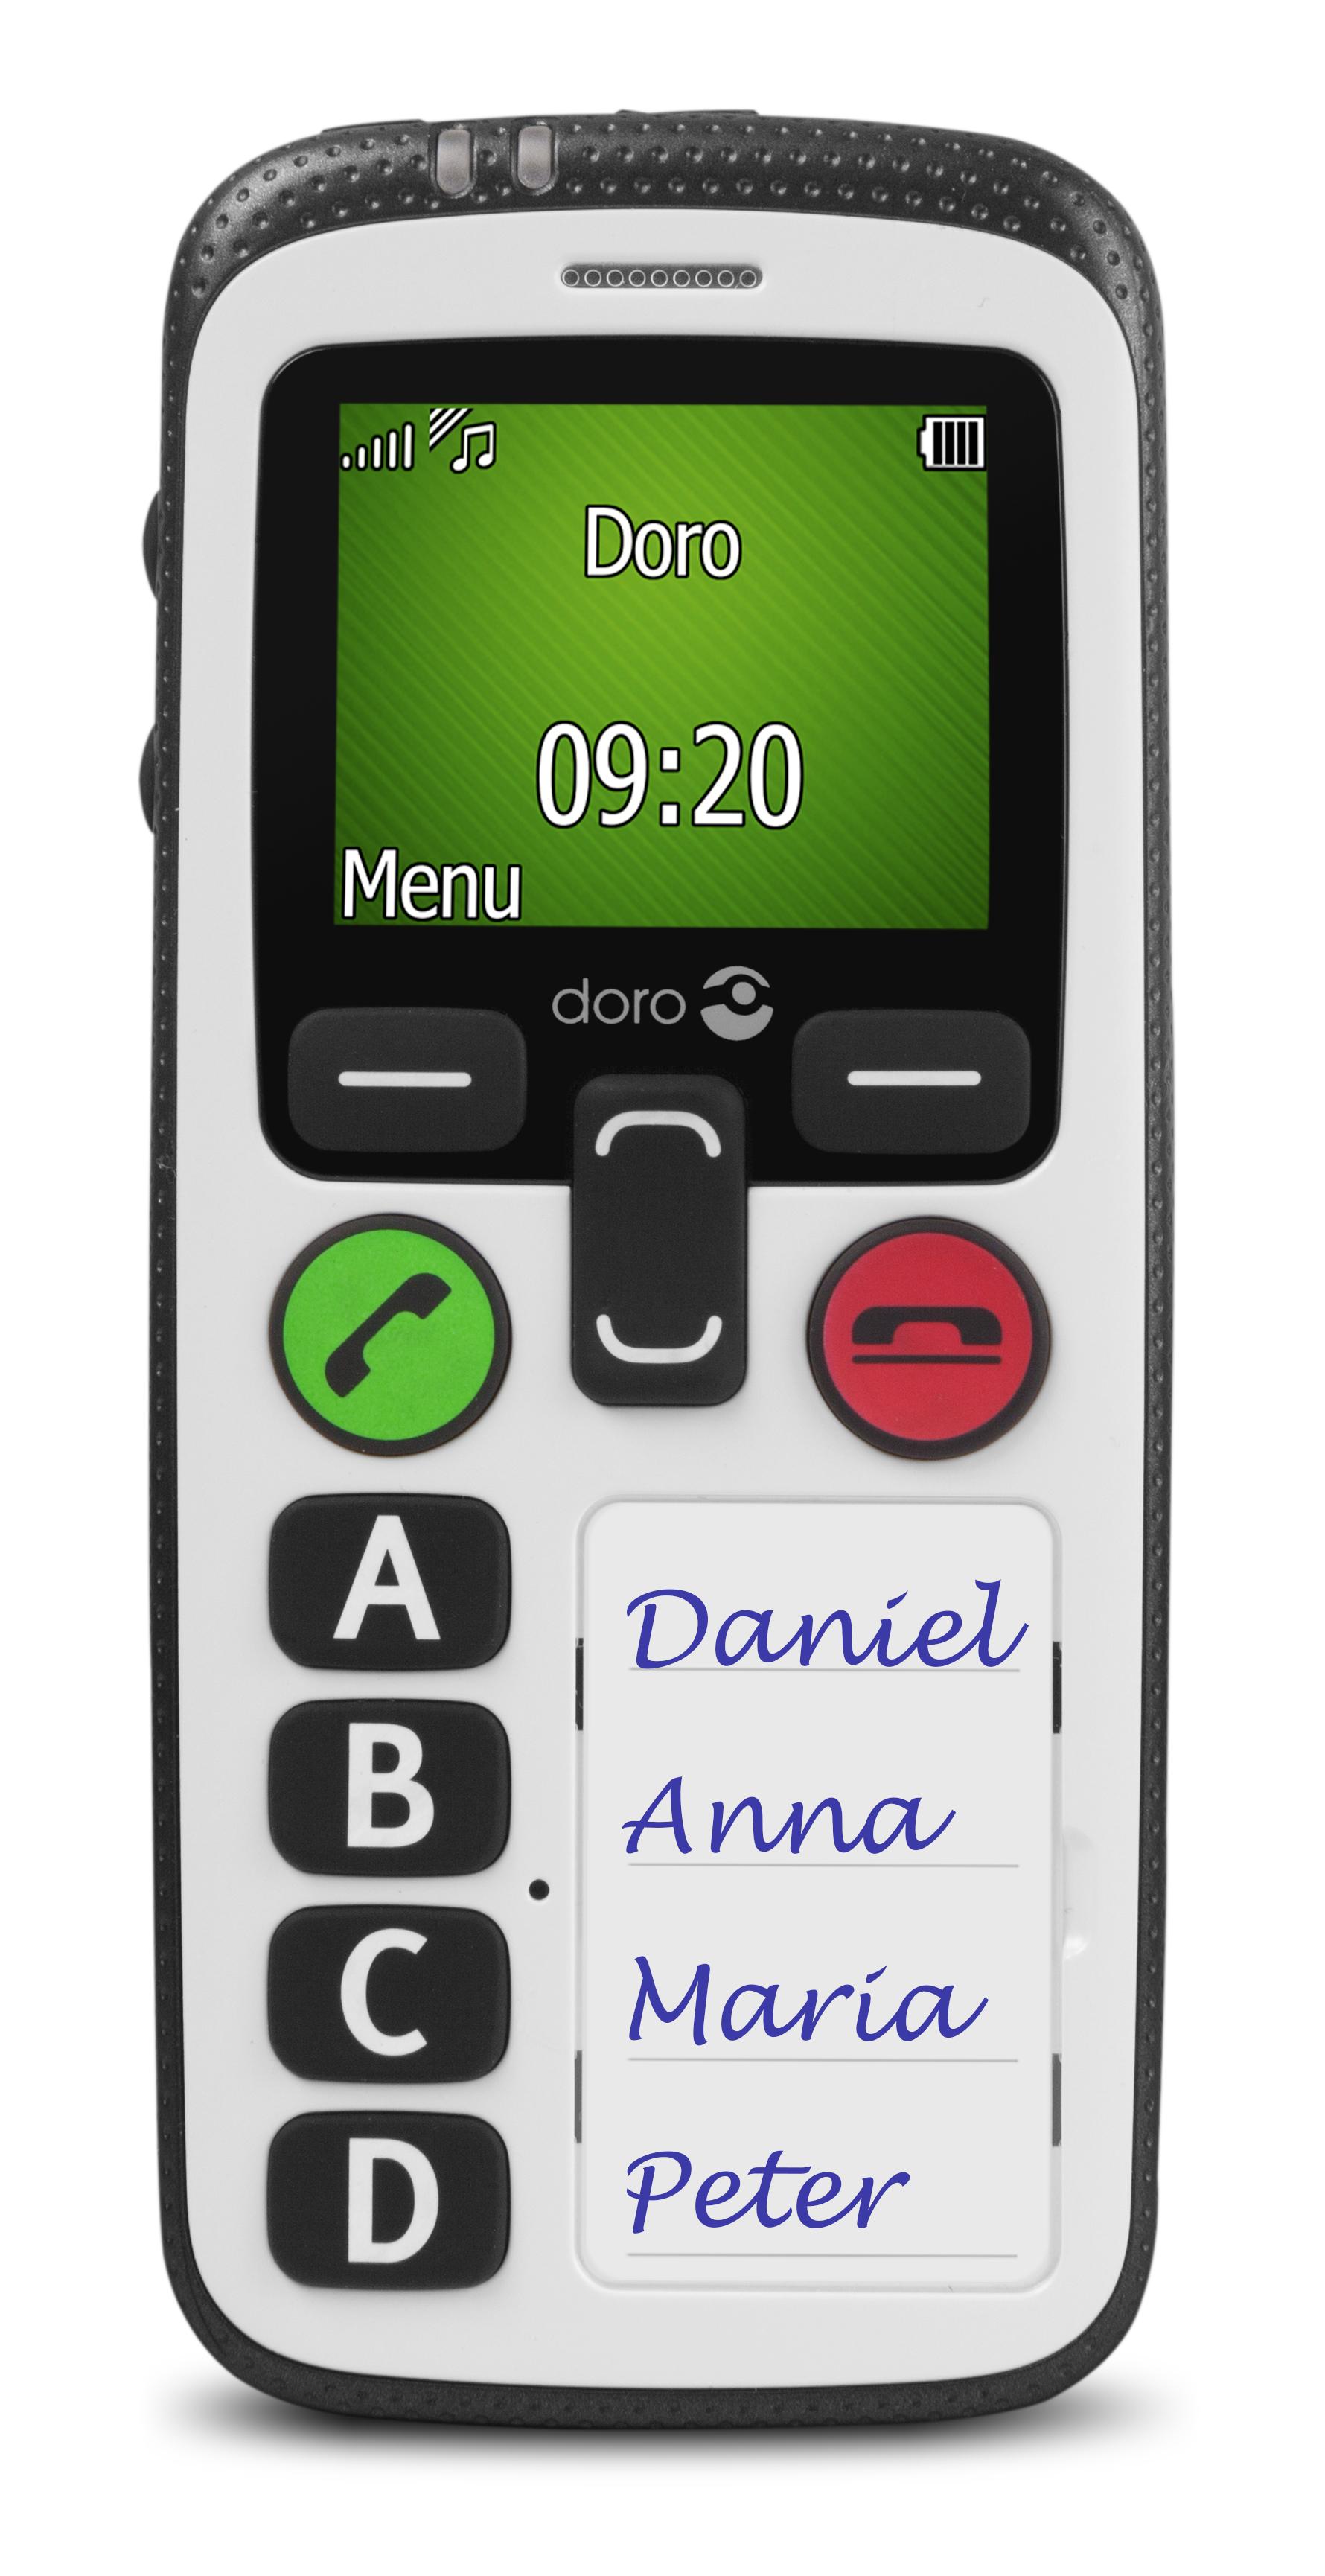 købes doro mobiltelefon